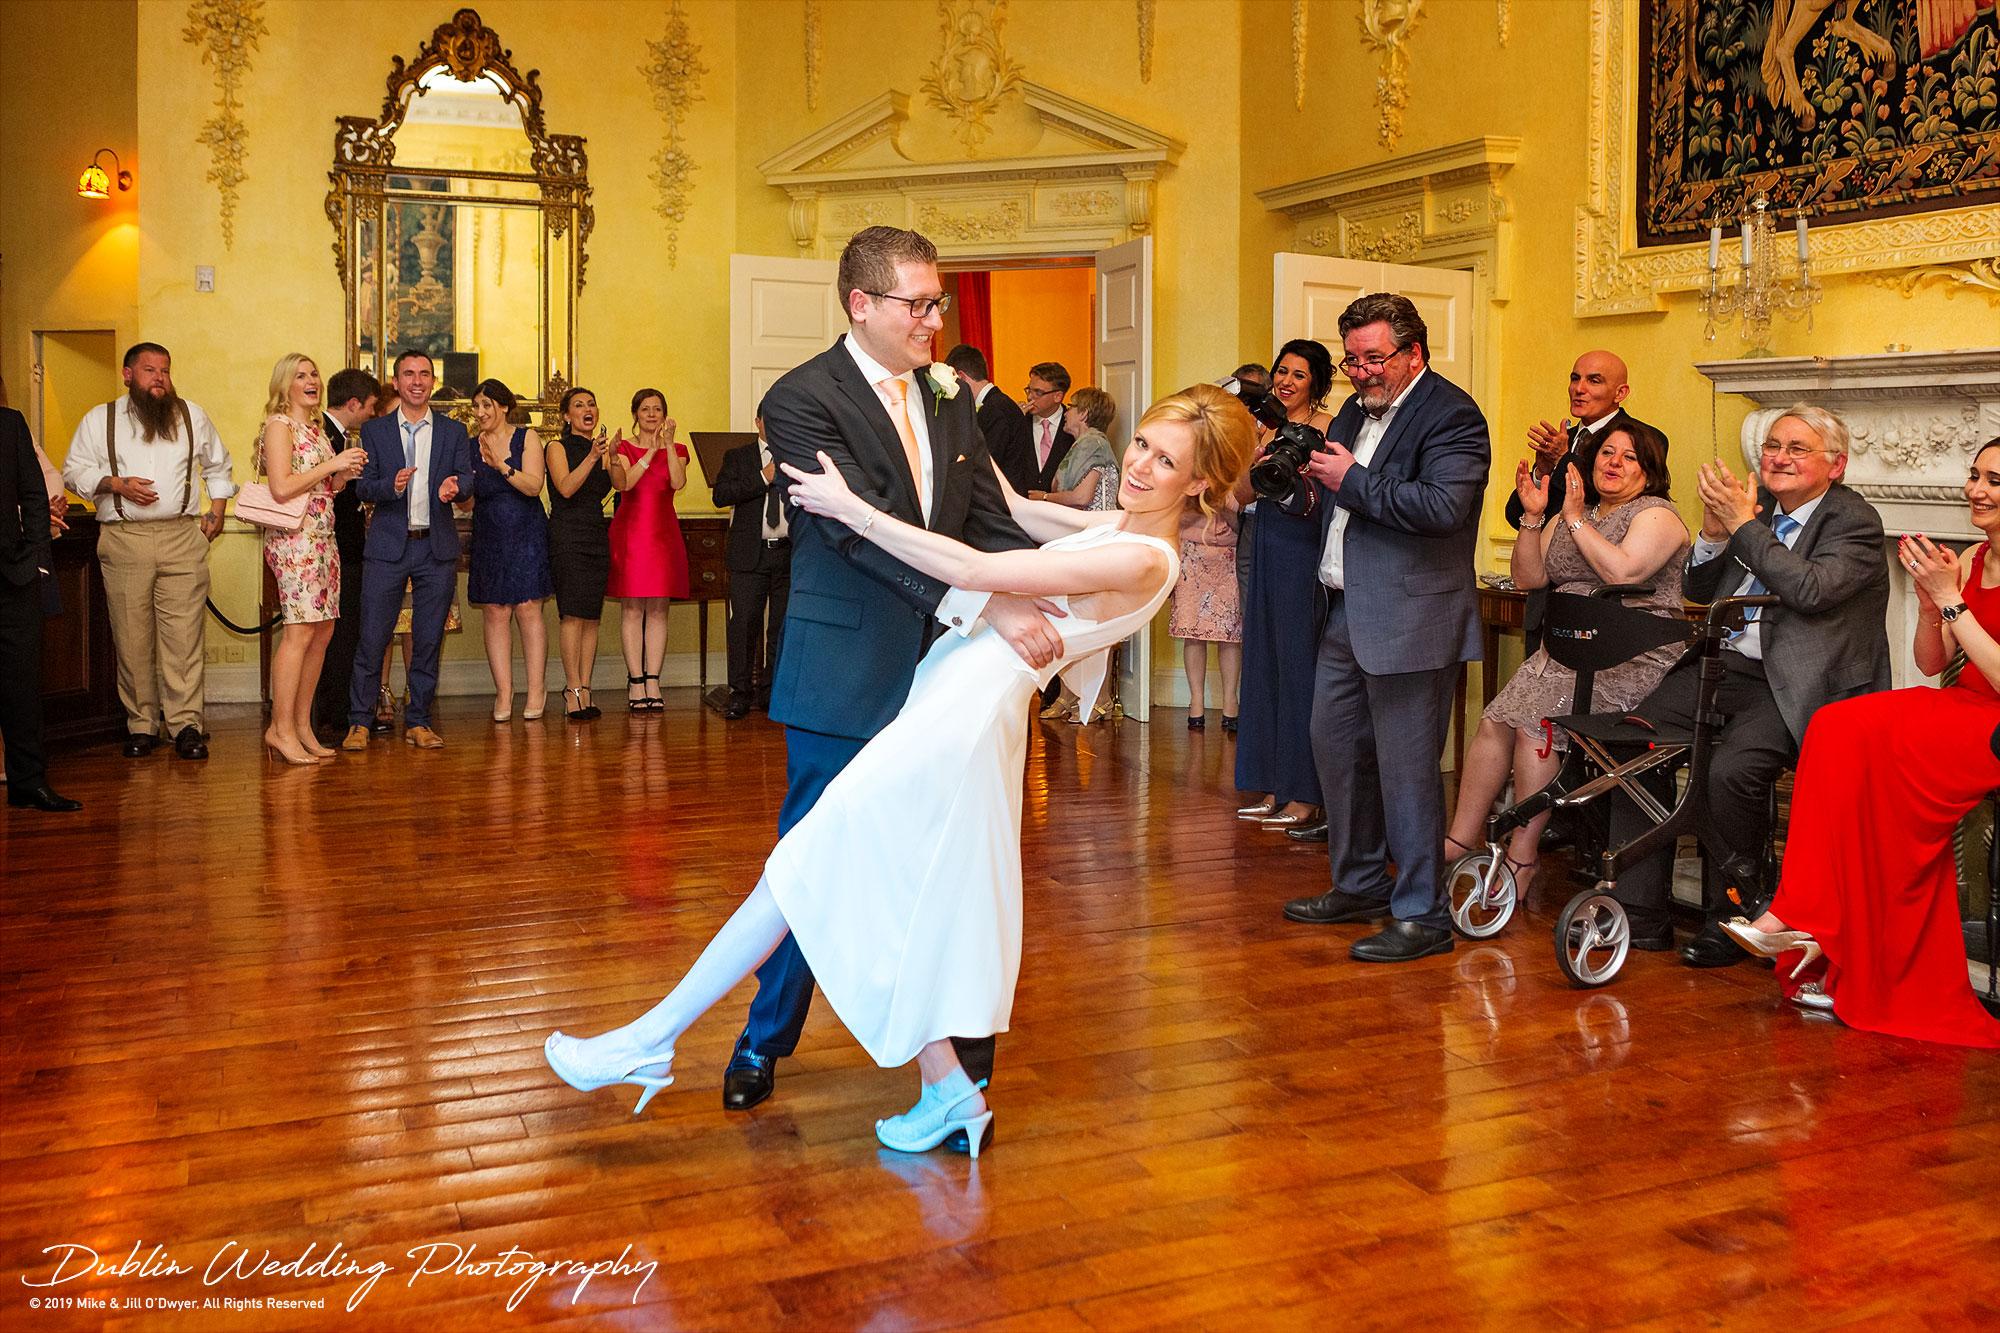 wedding-photographers-dublin-luttrellstown-castle-2016-53.jpg